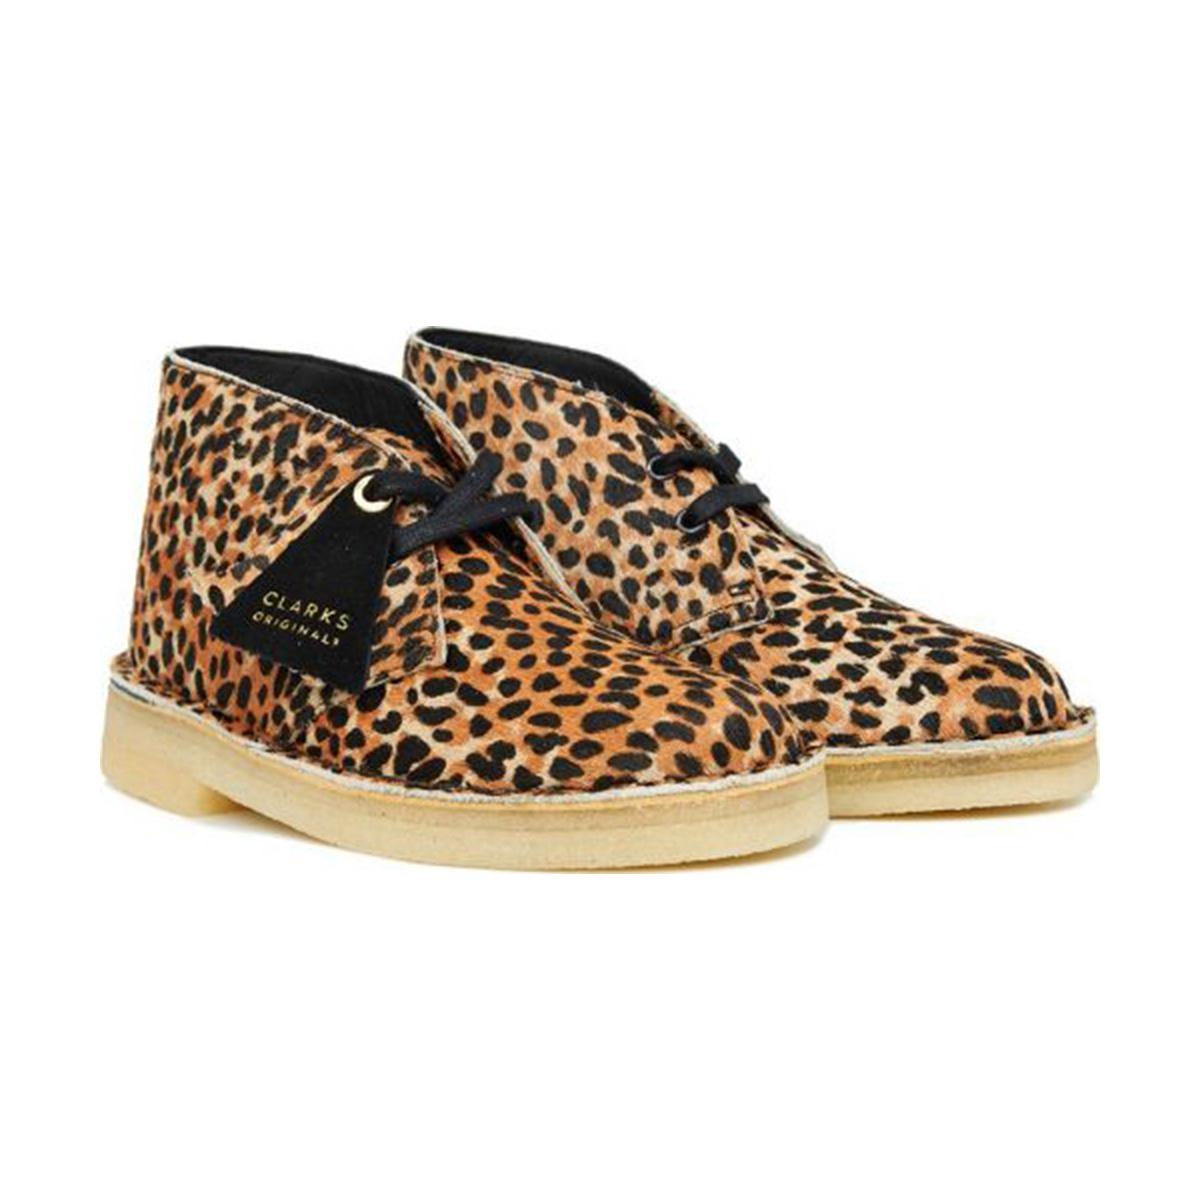 Clarks Desert Boot L (Leopard Pony) 26154161